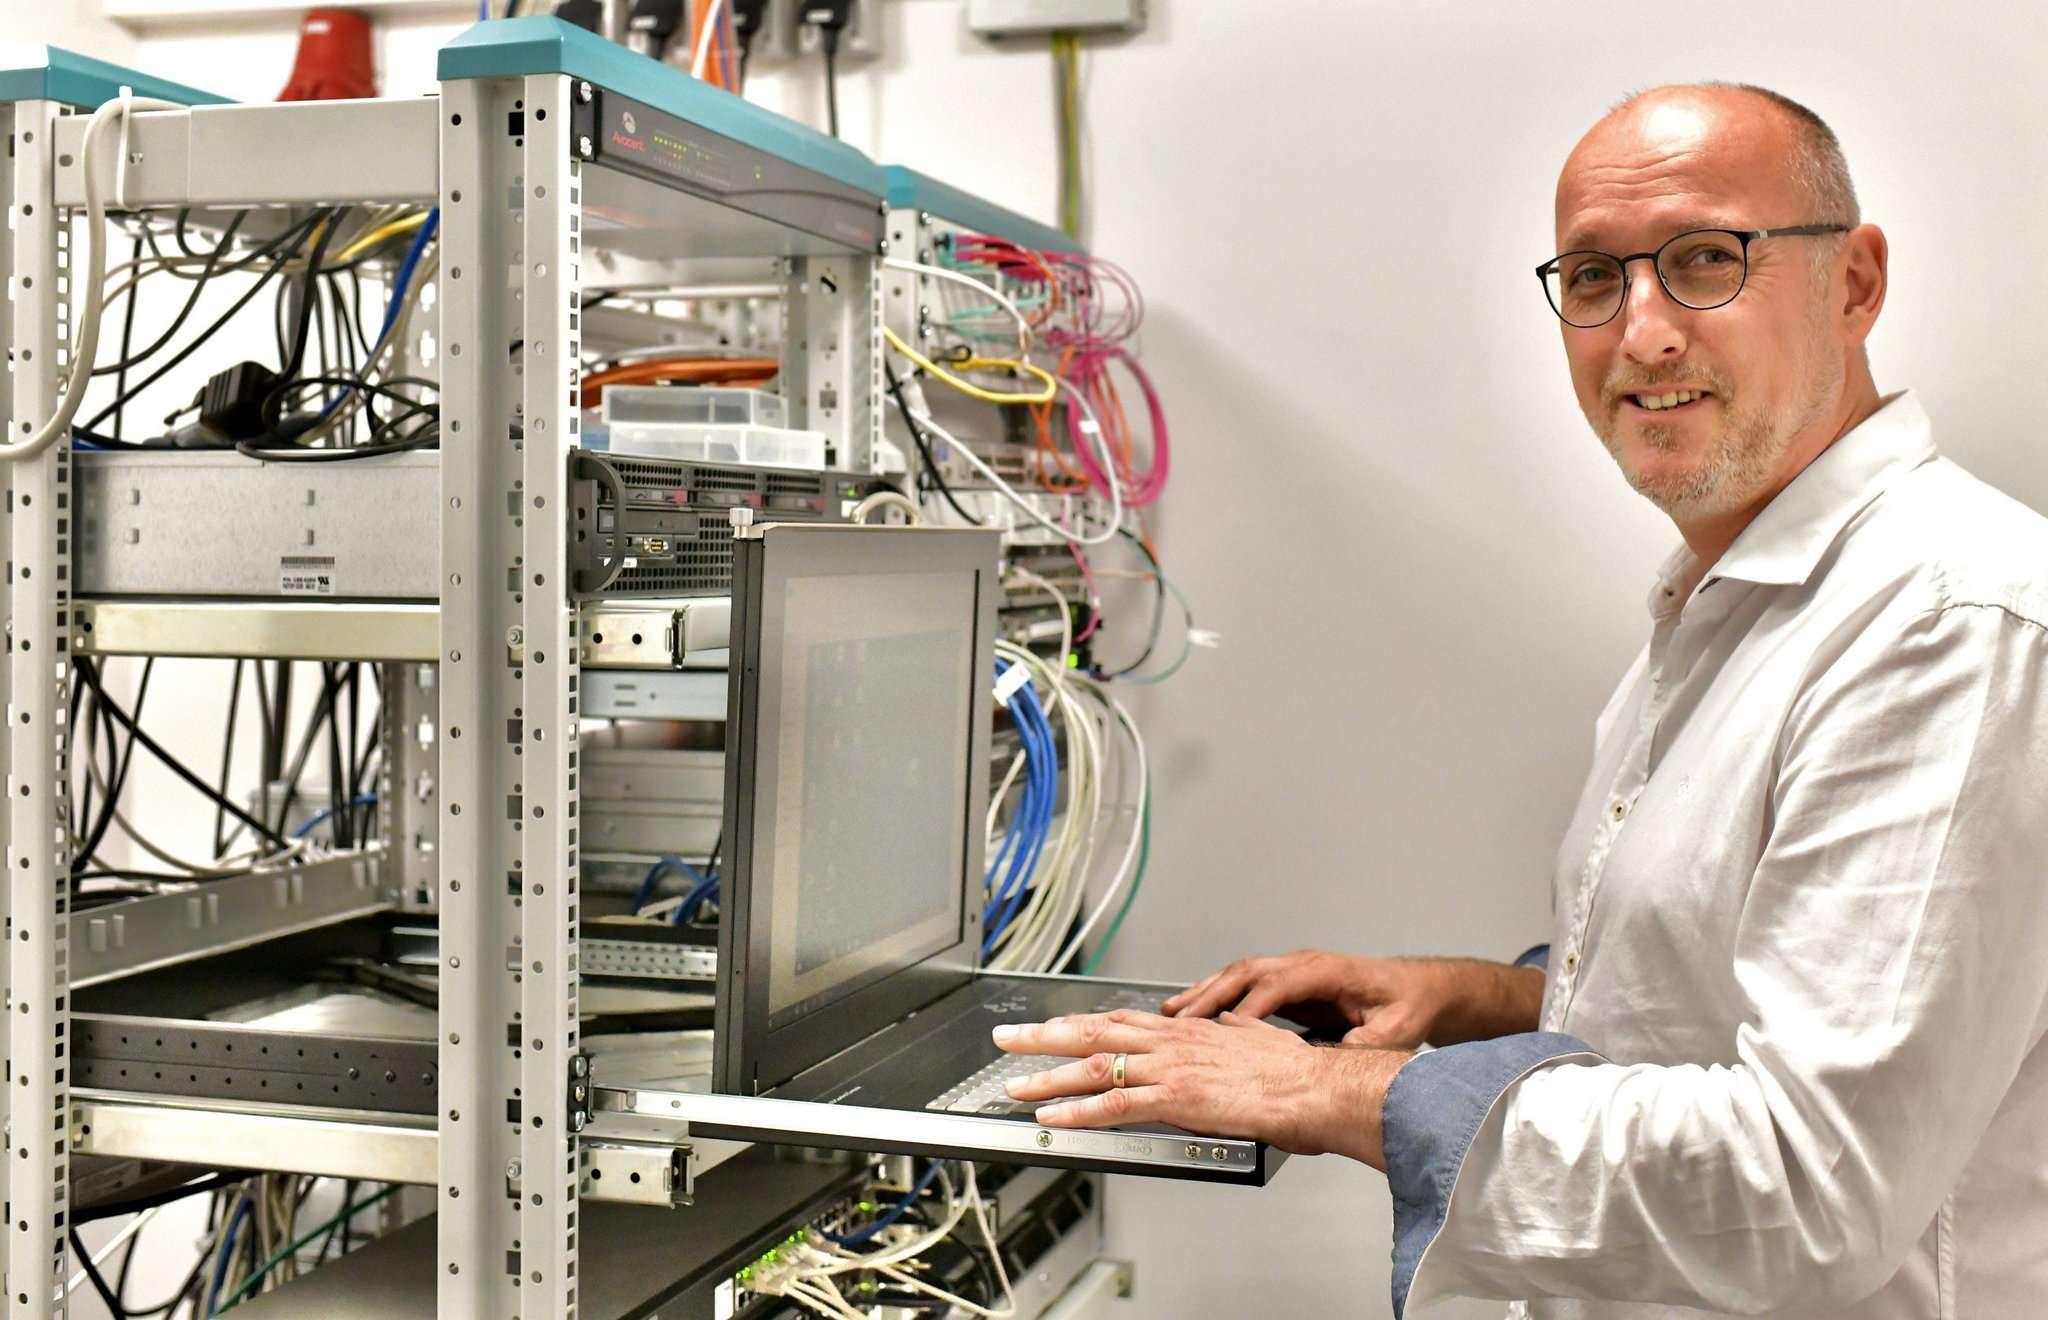 Ingo Reimann freut sich über seinen neuen Job.  Foto: Menker